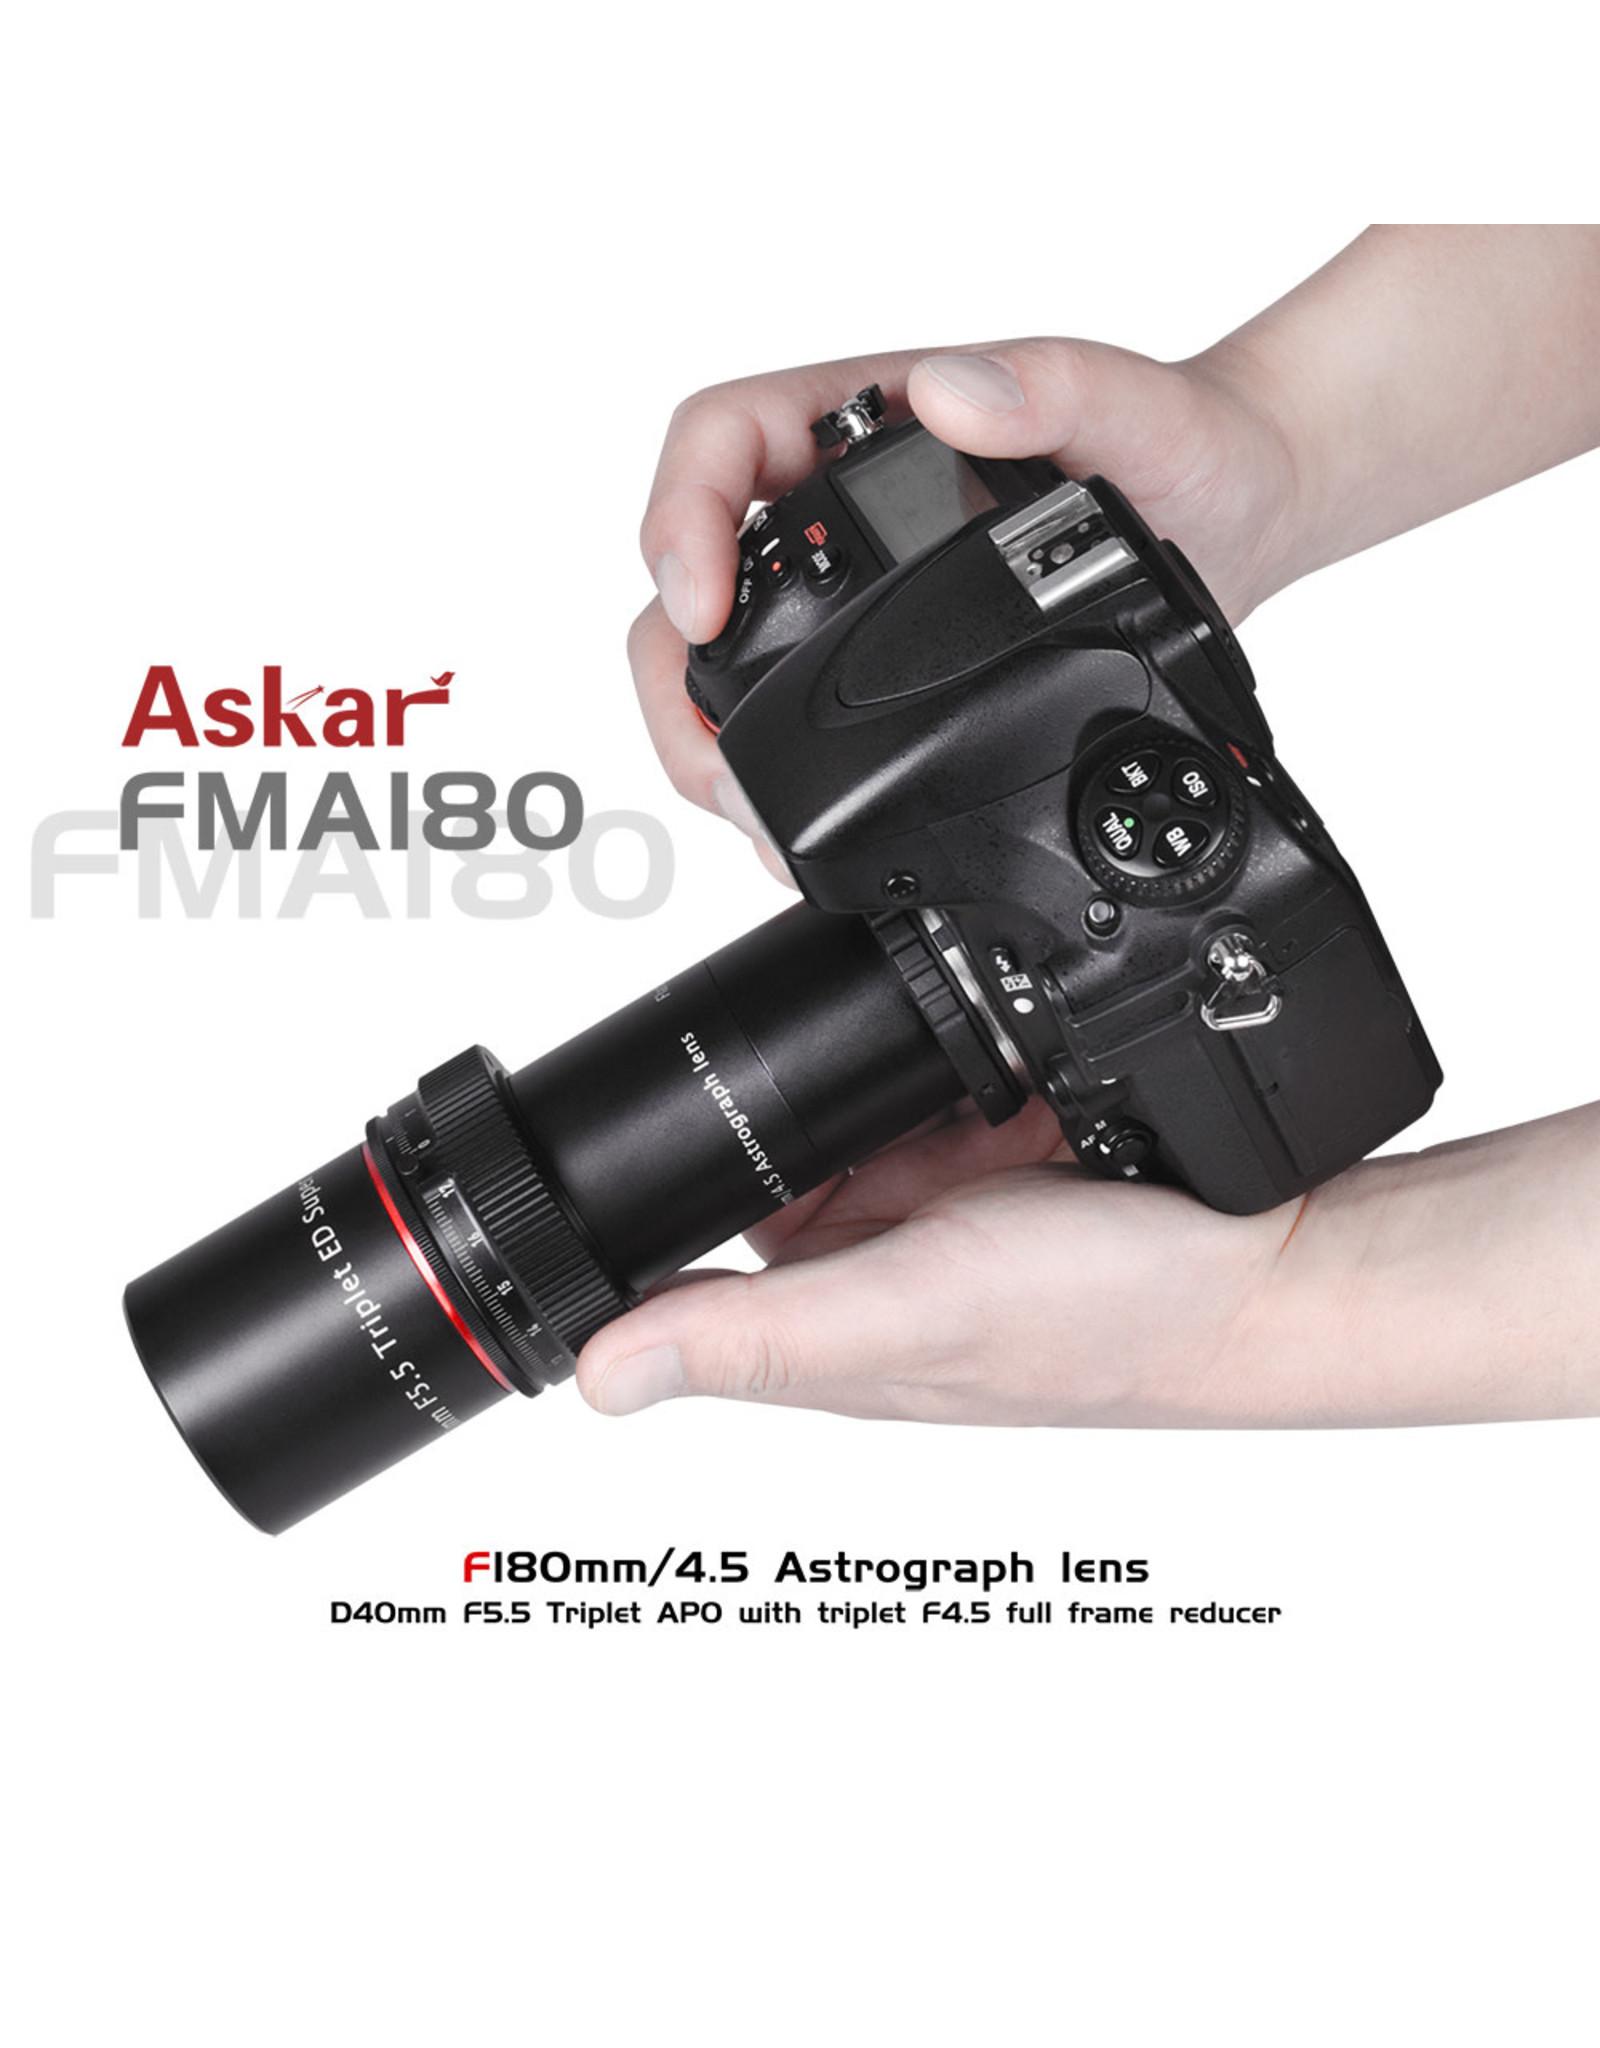 Askar Askar 40mm f/5.5 Triplet Apo Lens / Guidescope # FMA180